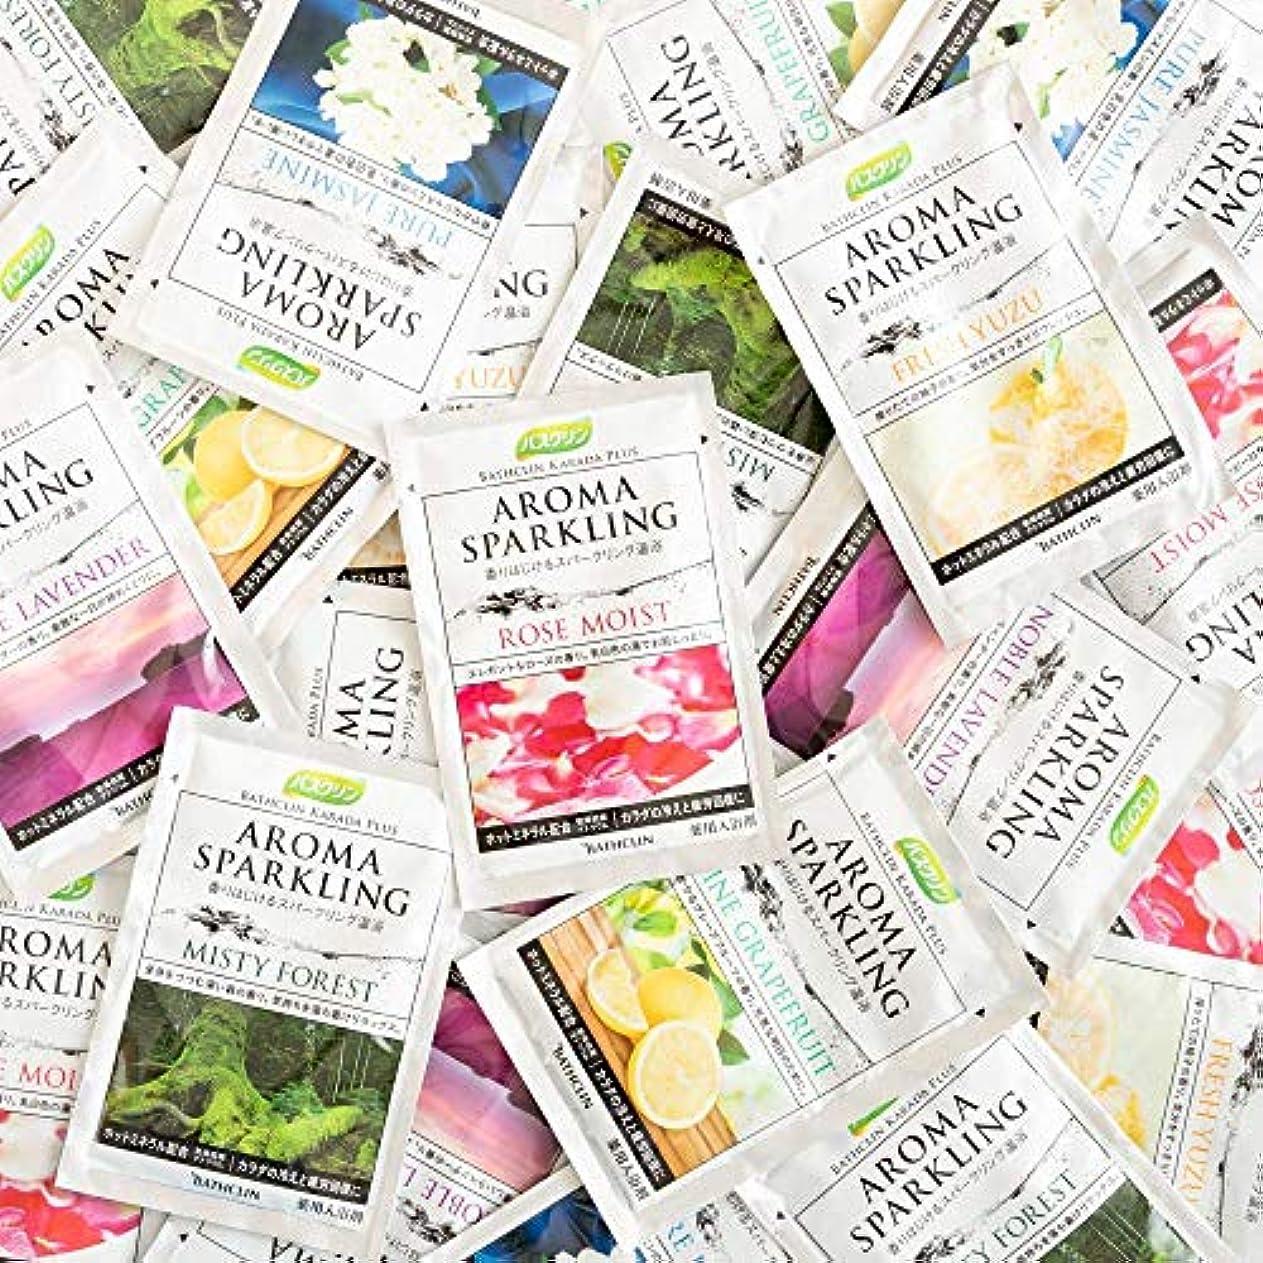 【医薬部外品/大容量】バスクリンカラダプラス入浴剤 アロマスパークリング アロマバスコレクション30g× 60包入り 個包装 詰め合わせ